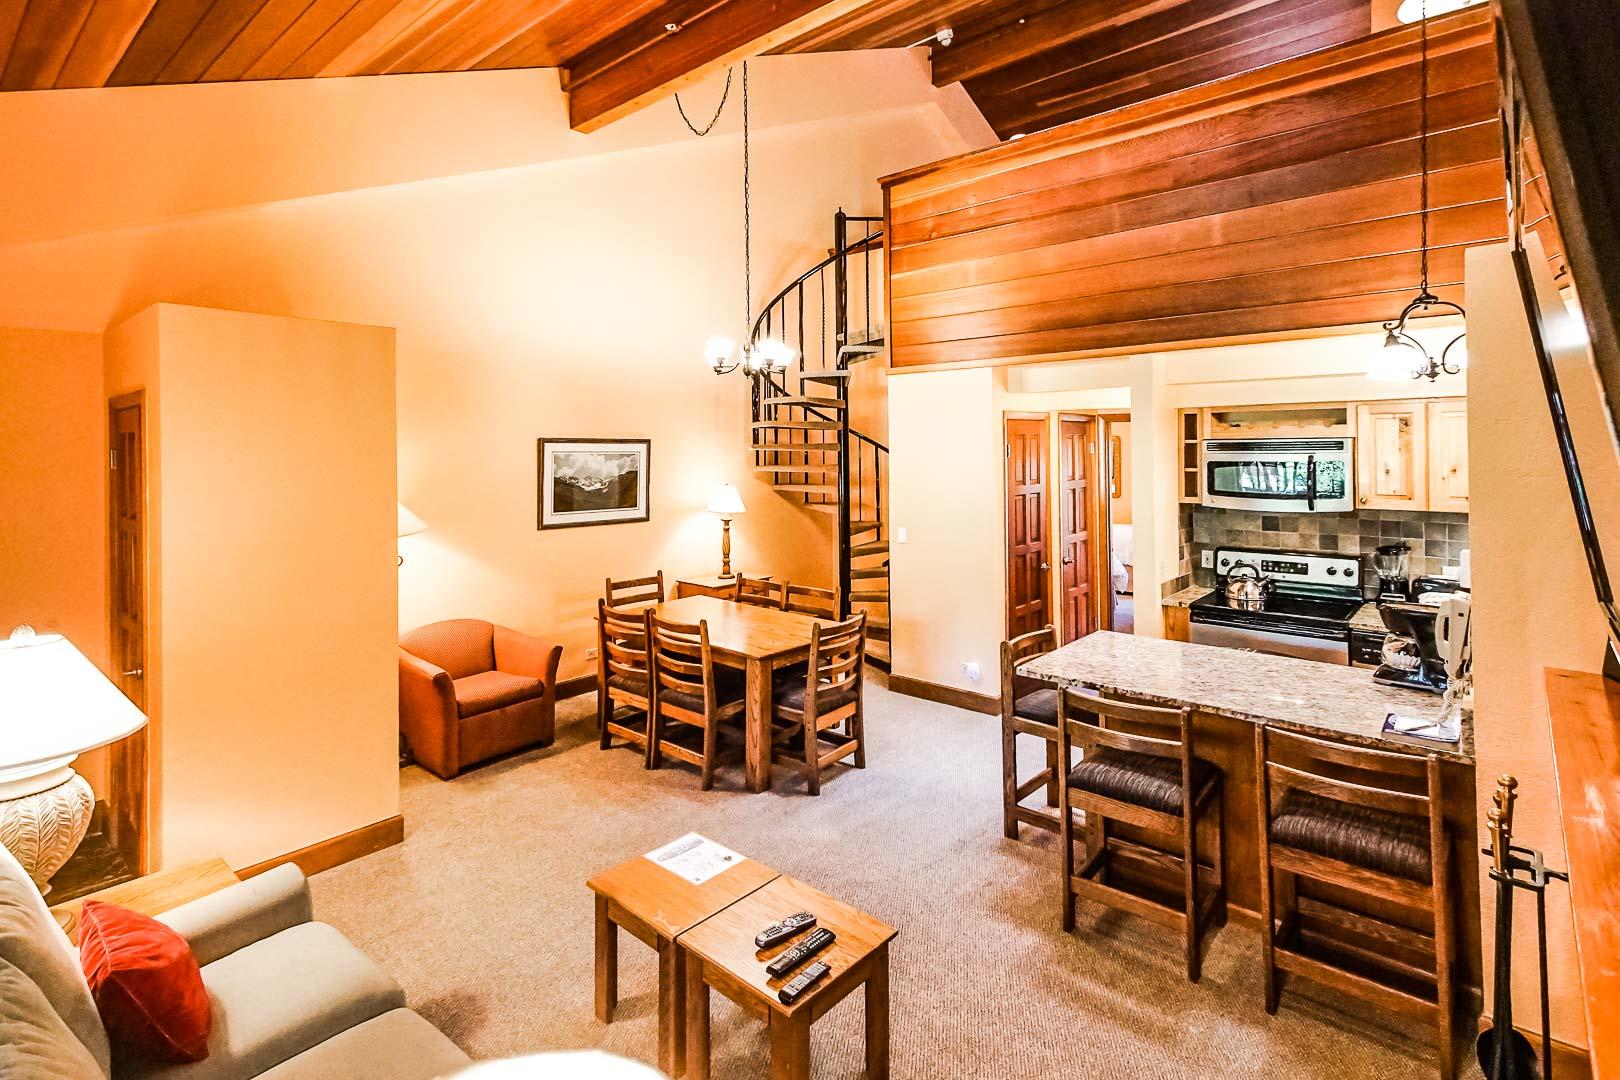 A spacious Loft condominiums at VRI's Cedar at Streamside in Colorado.